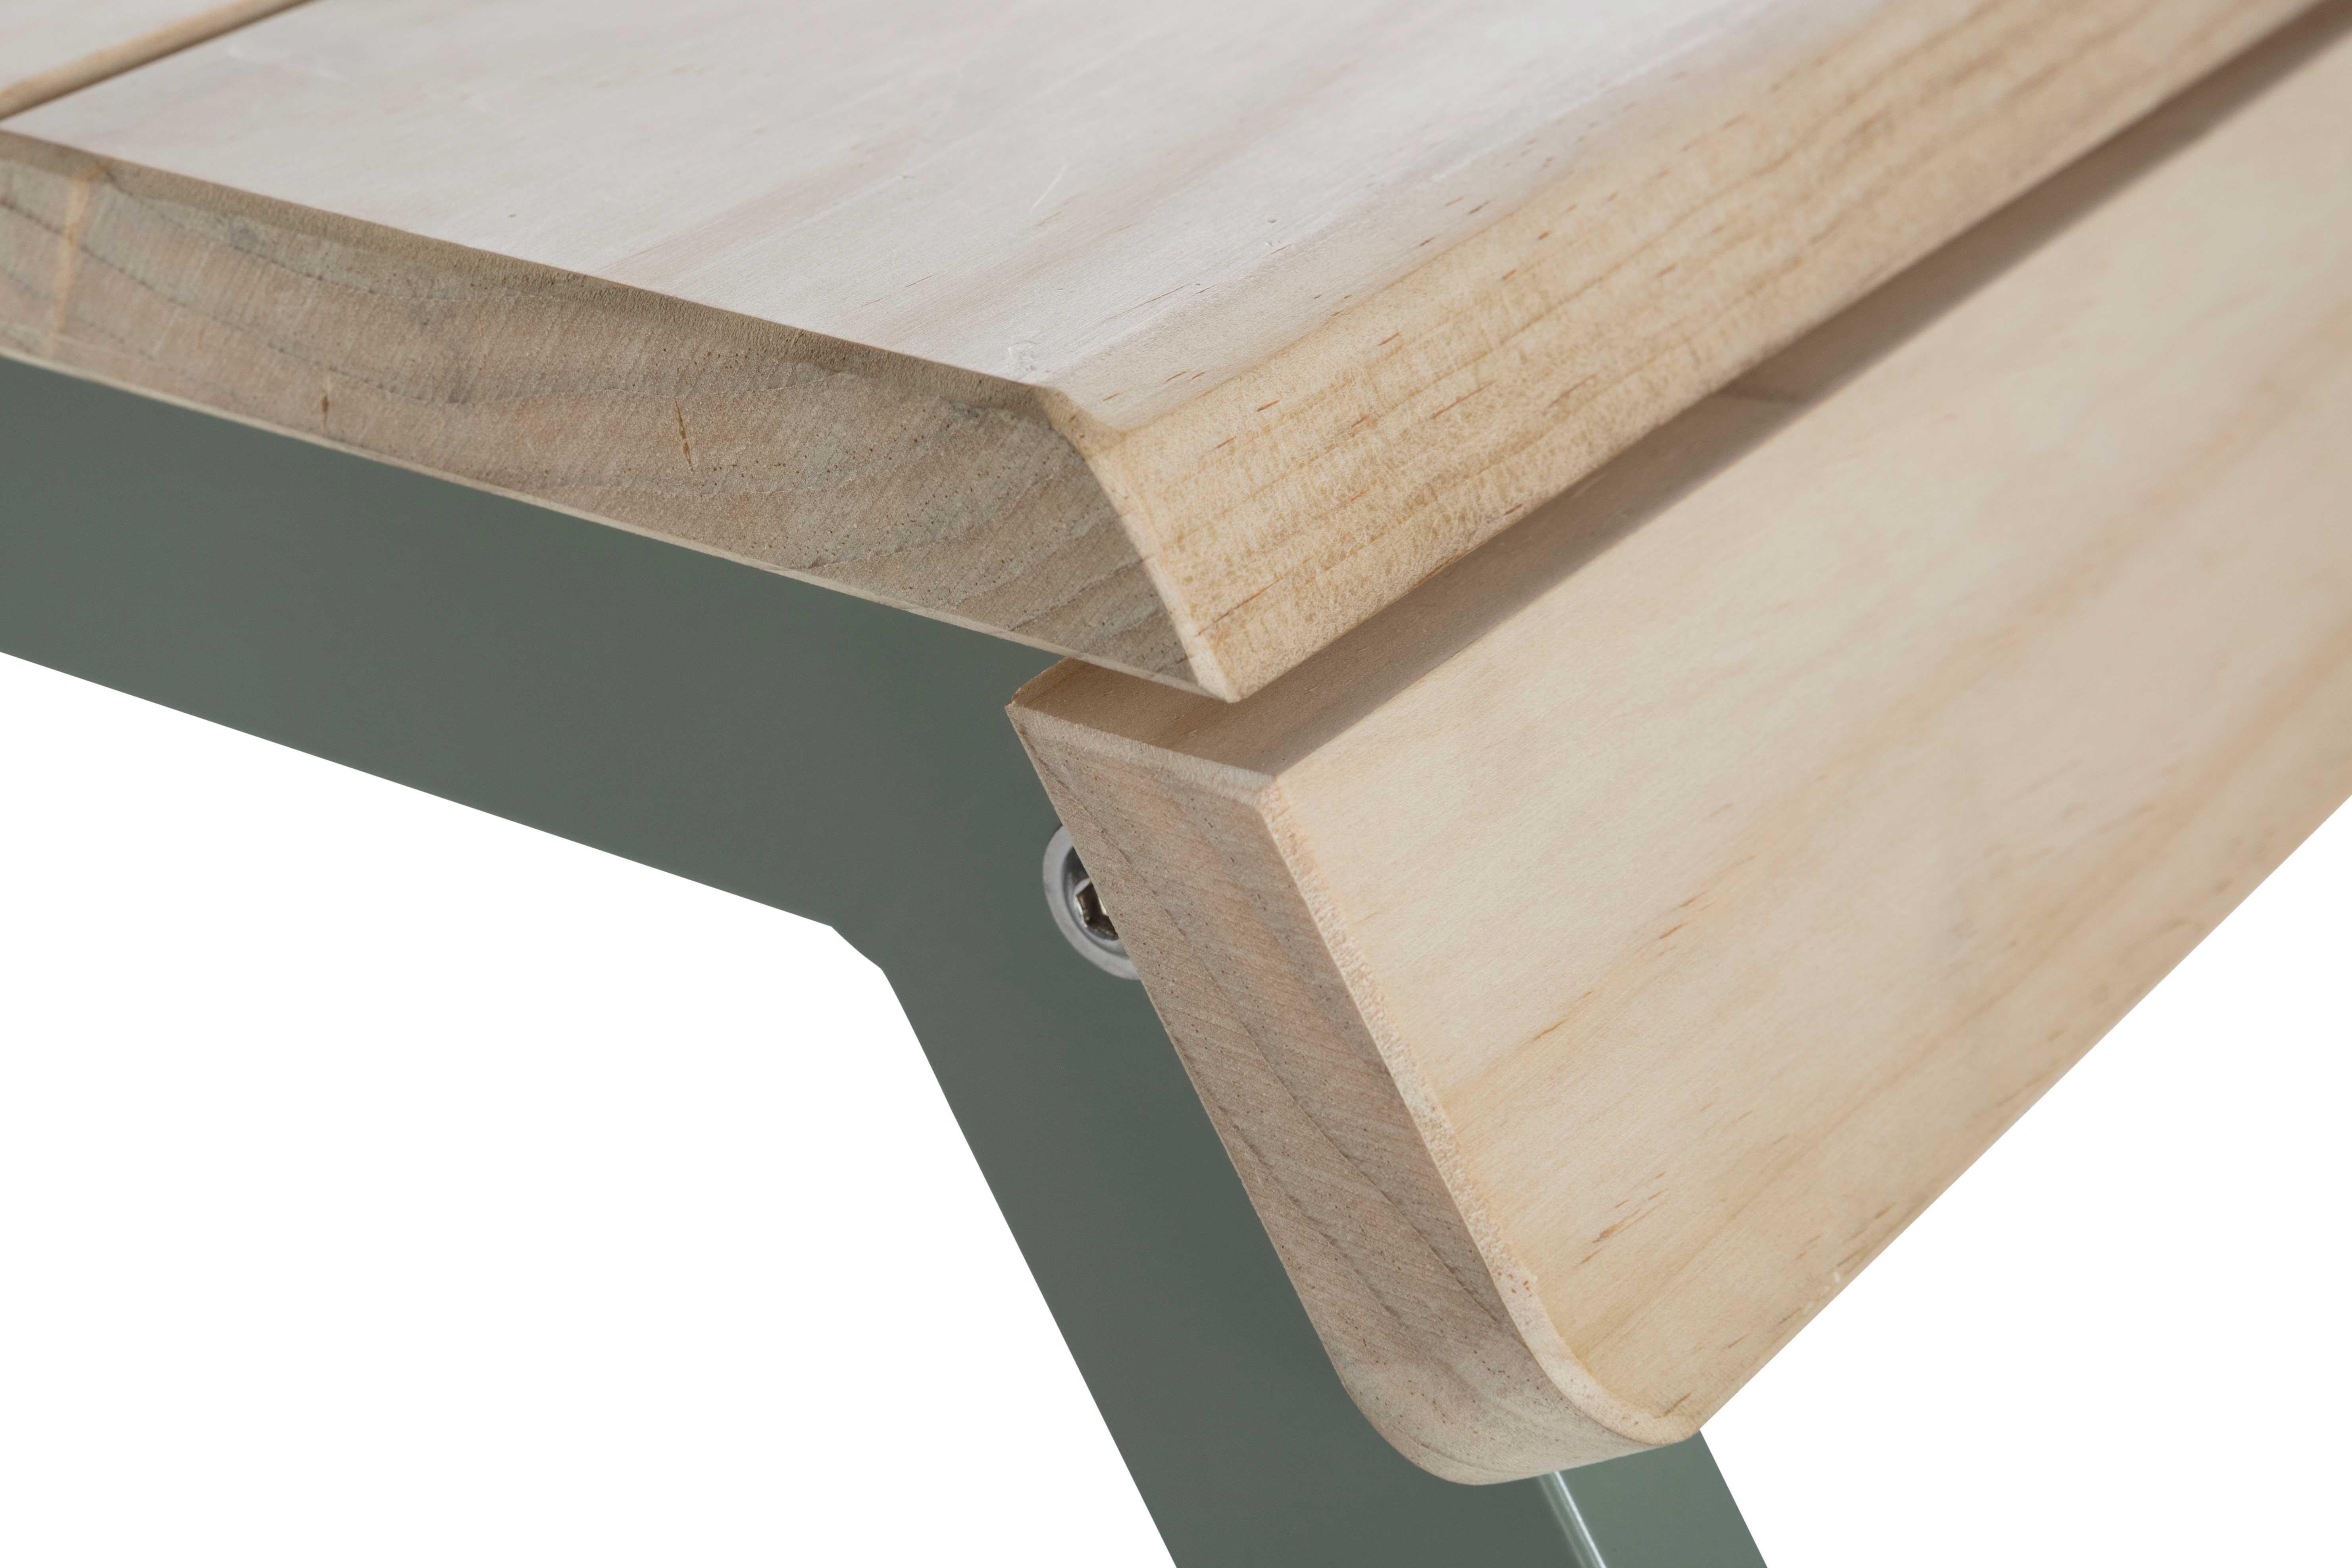 Studio033-Weltevree-tafel005